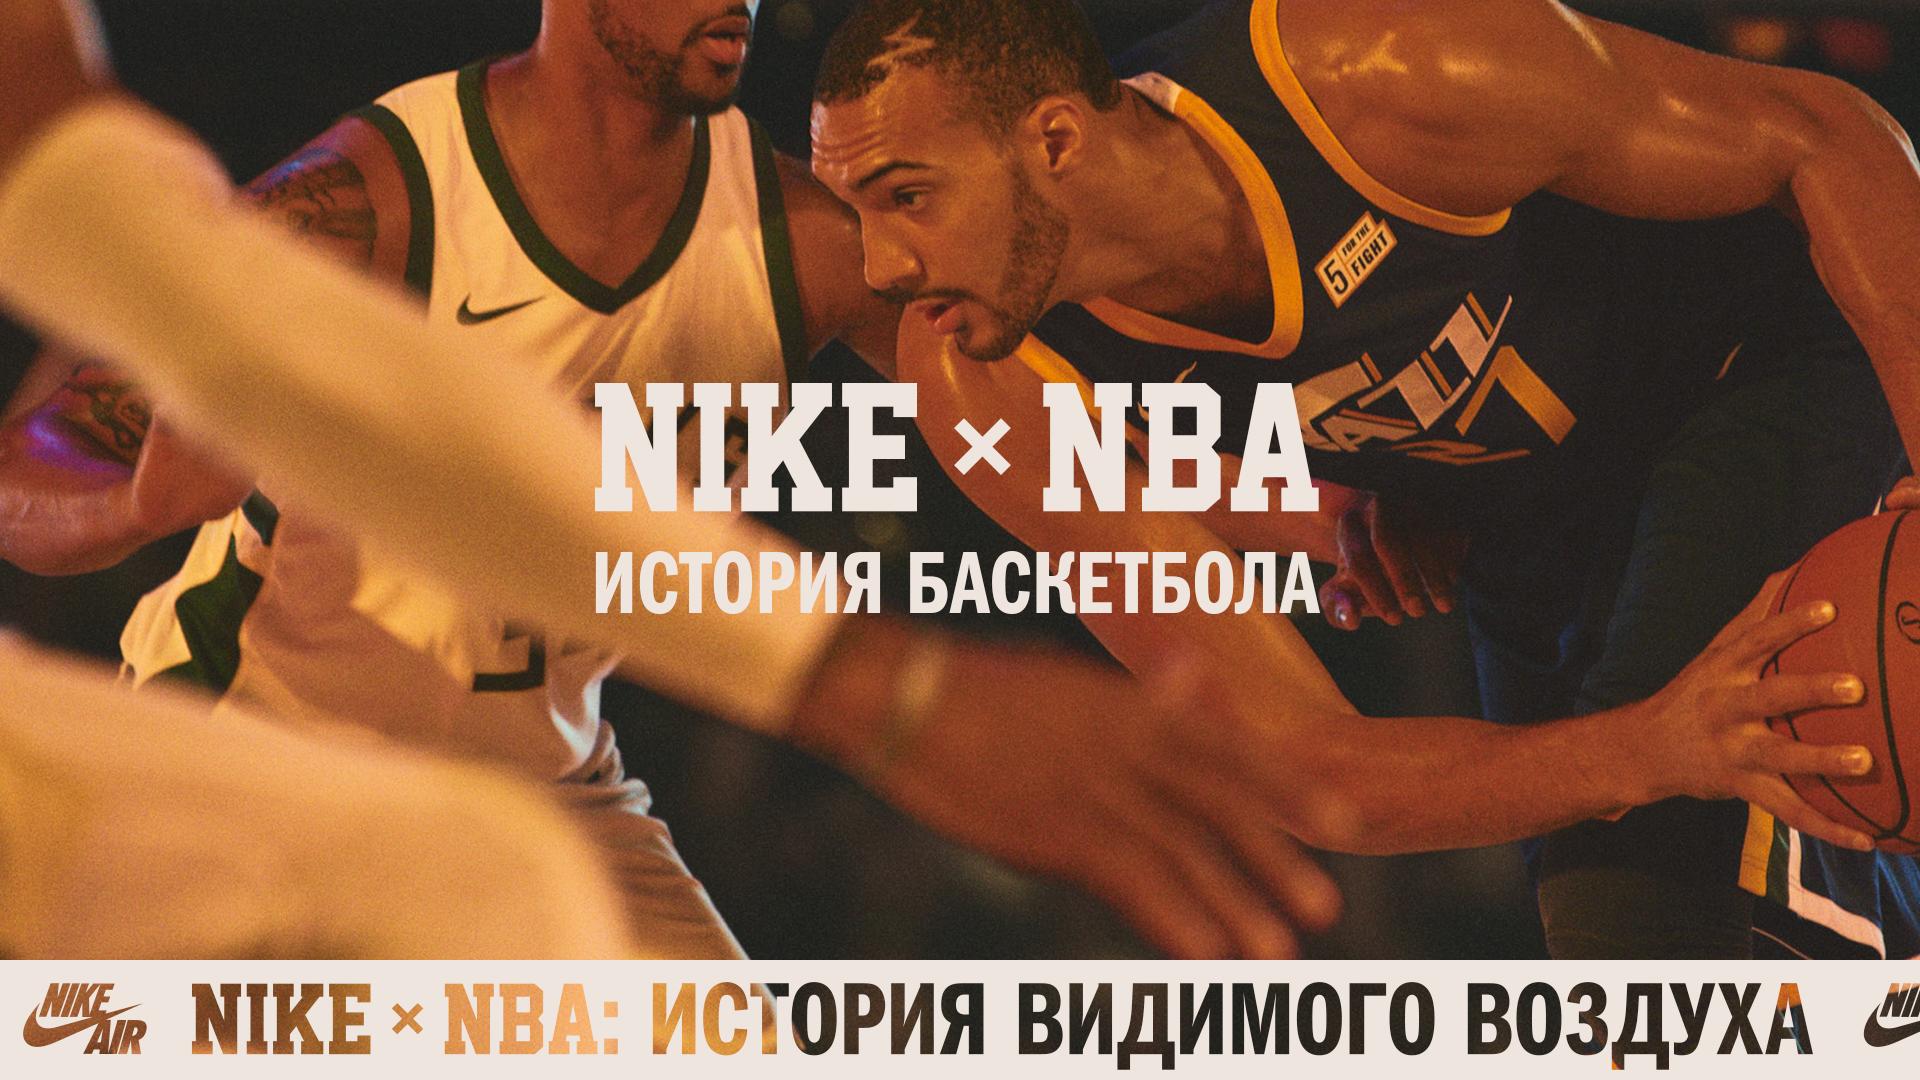 justbenice_nikeNBA_timeline_facebook.jpg